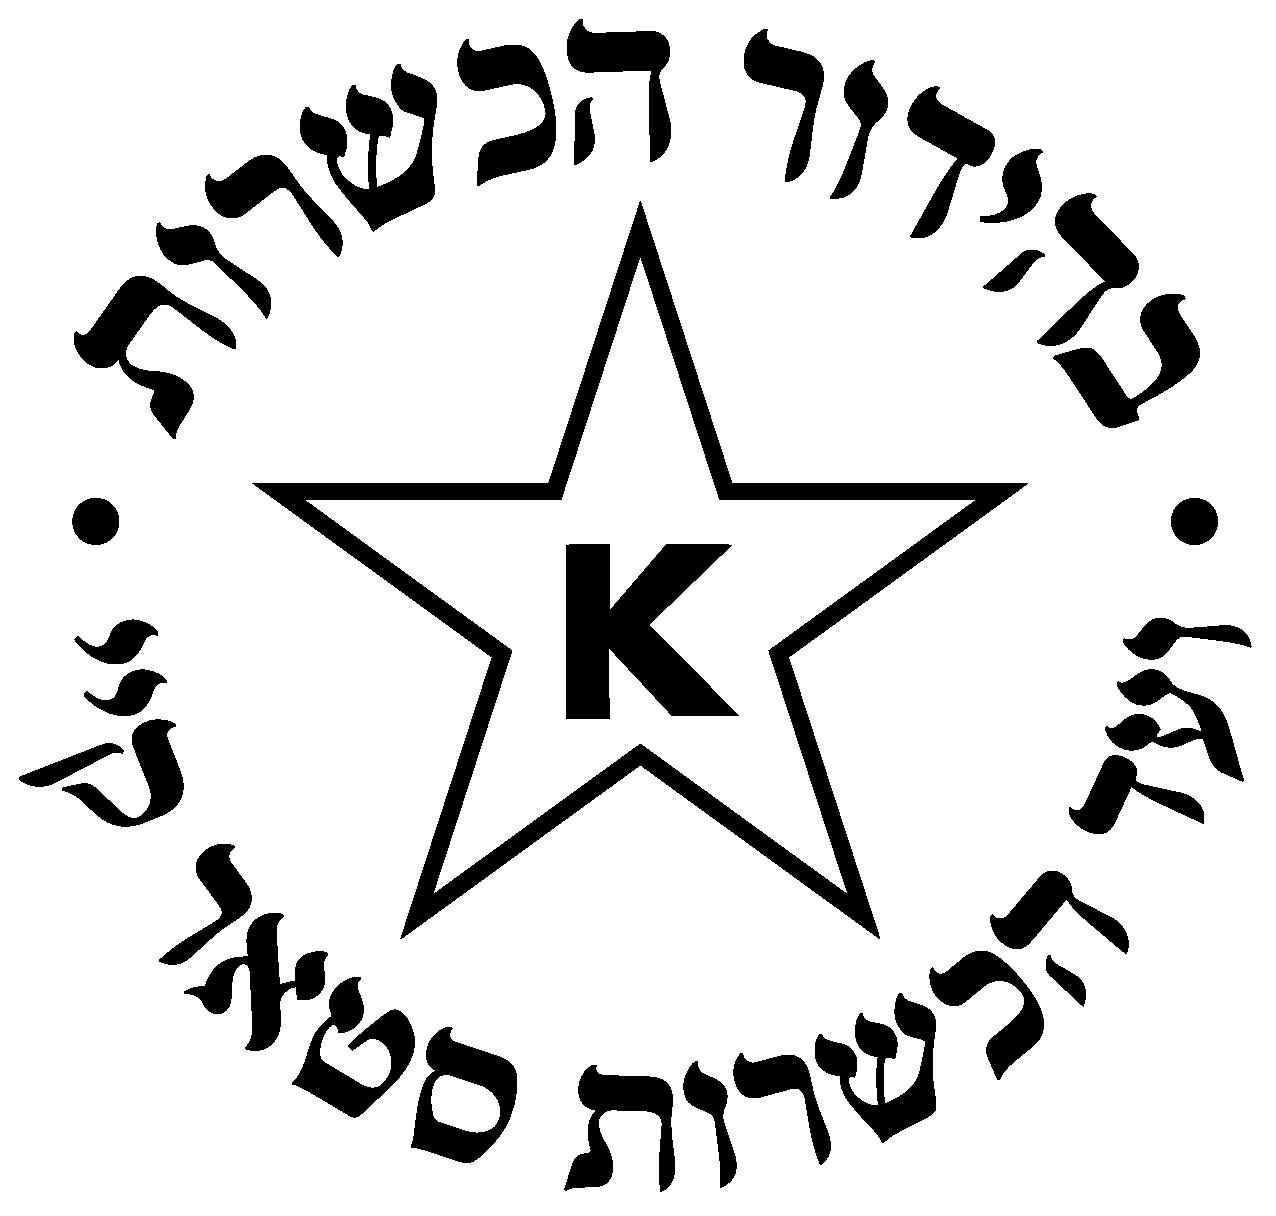 star k - logo partner